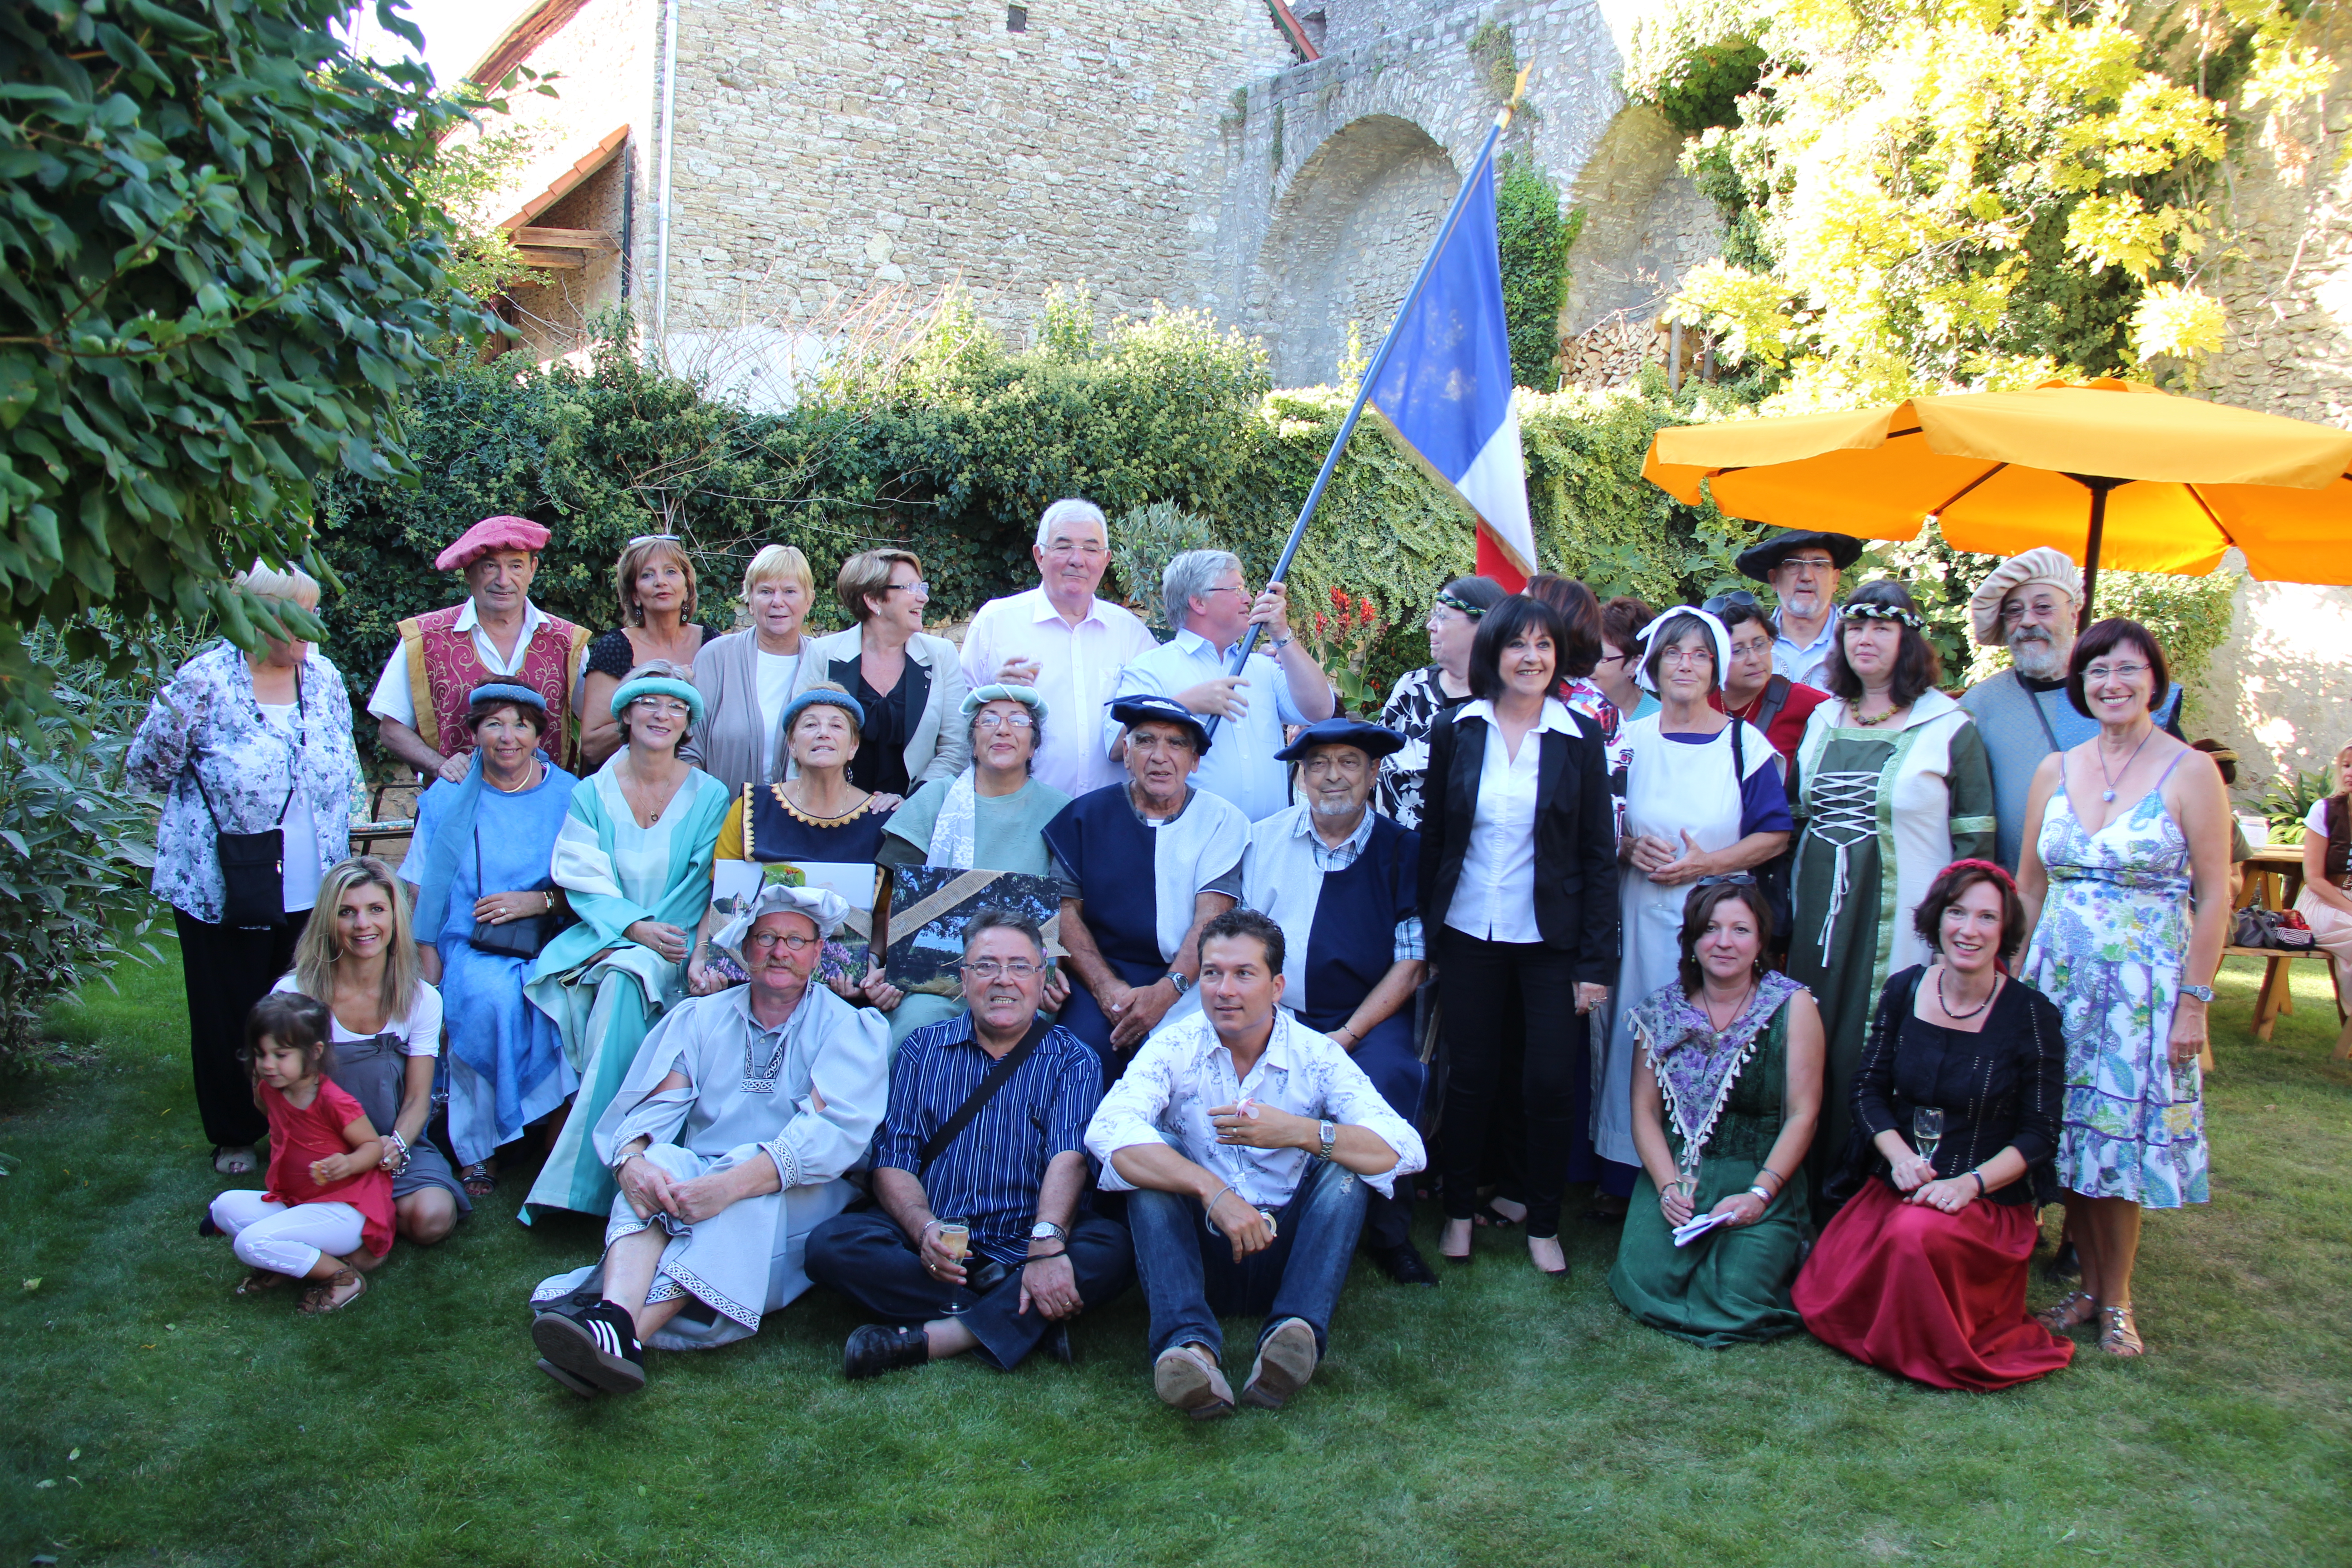 Partnerschaftskomitee Flörsheim-Dalsheim - Garons